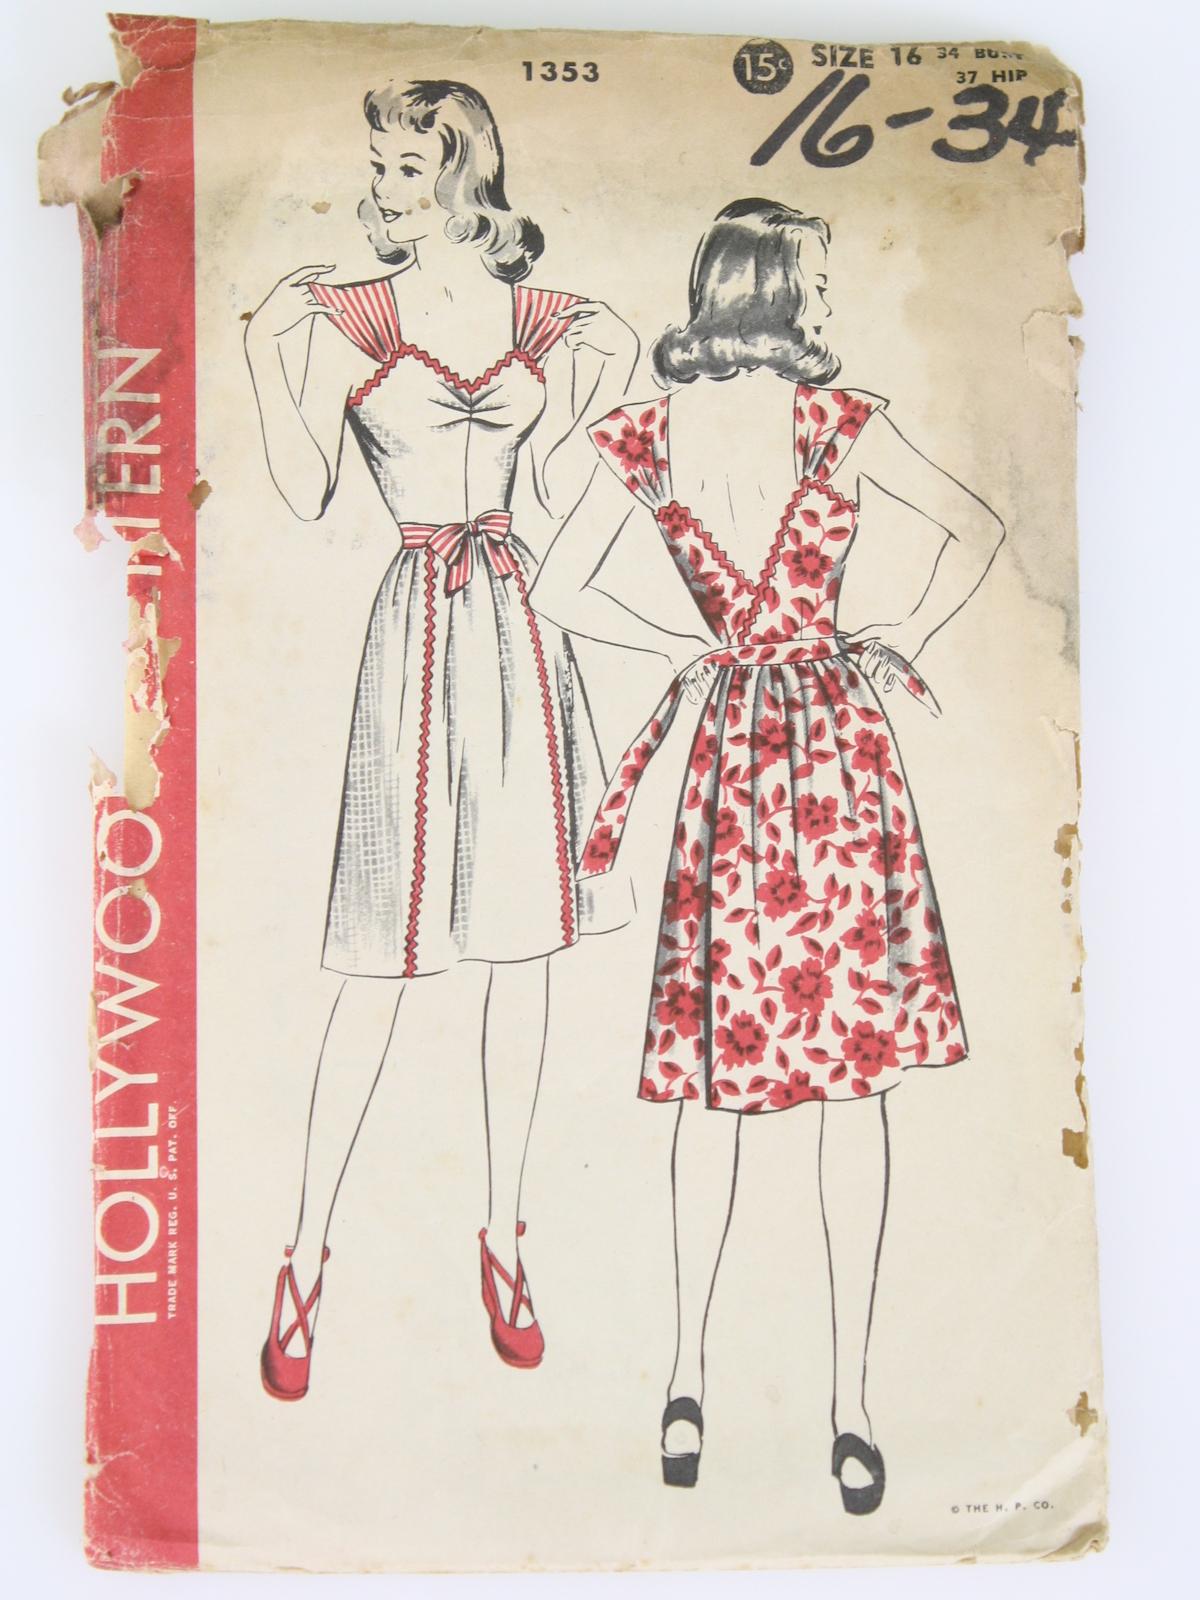 1940s dress patterns wwwpixsharkcom images galleries